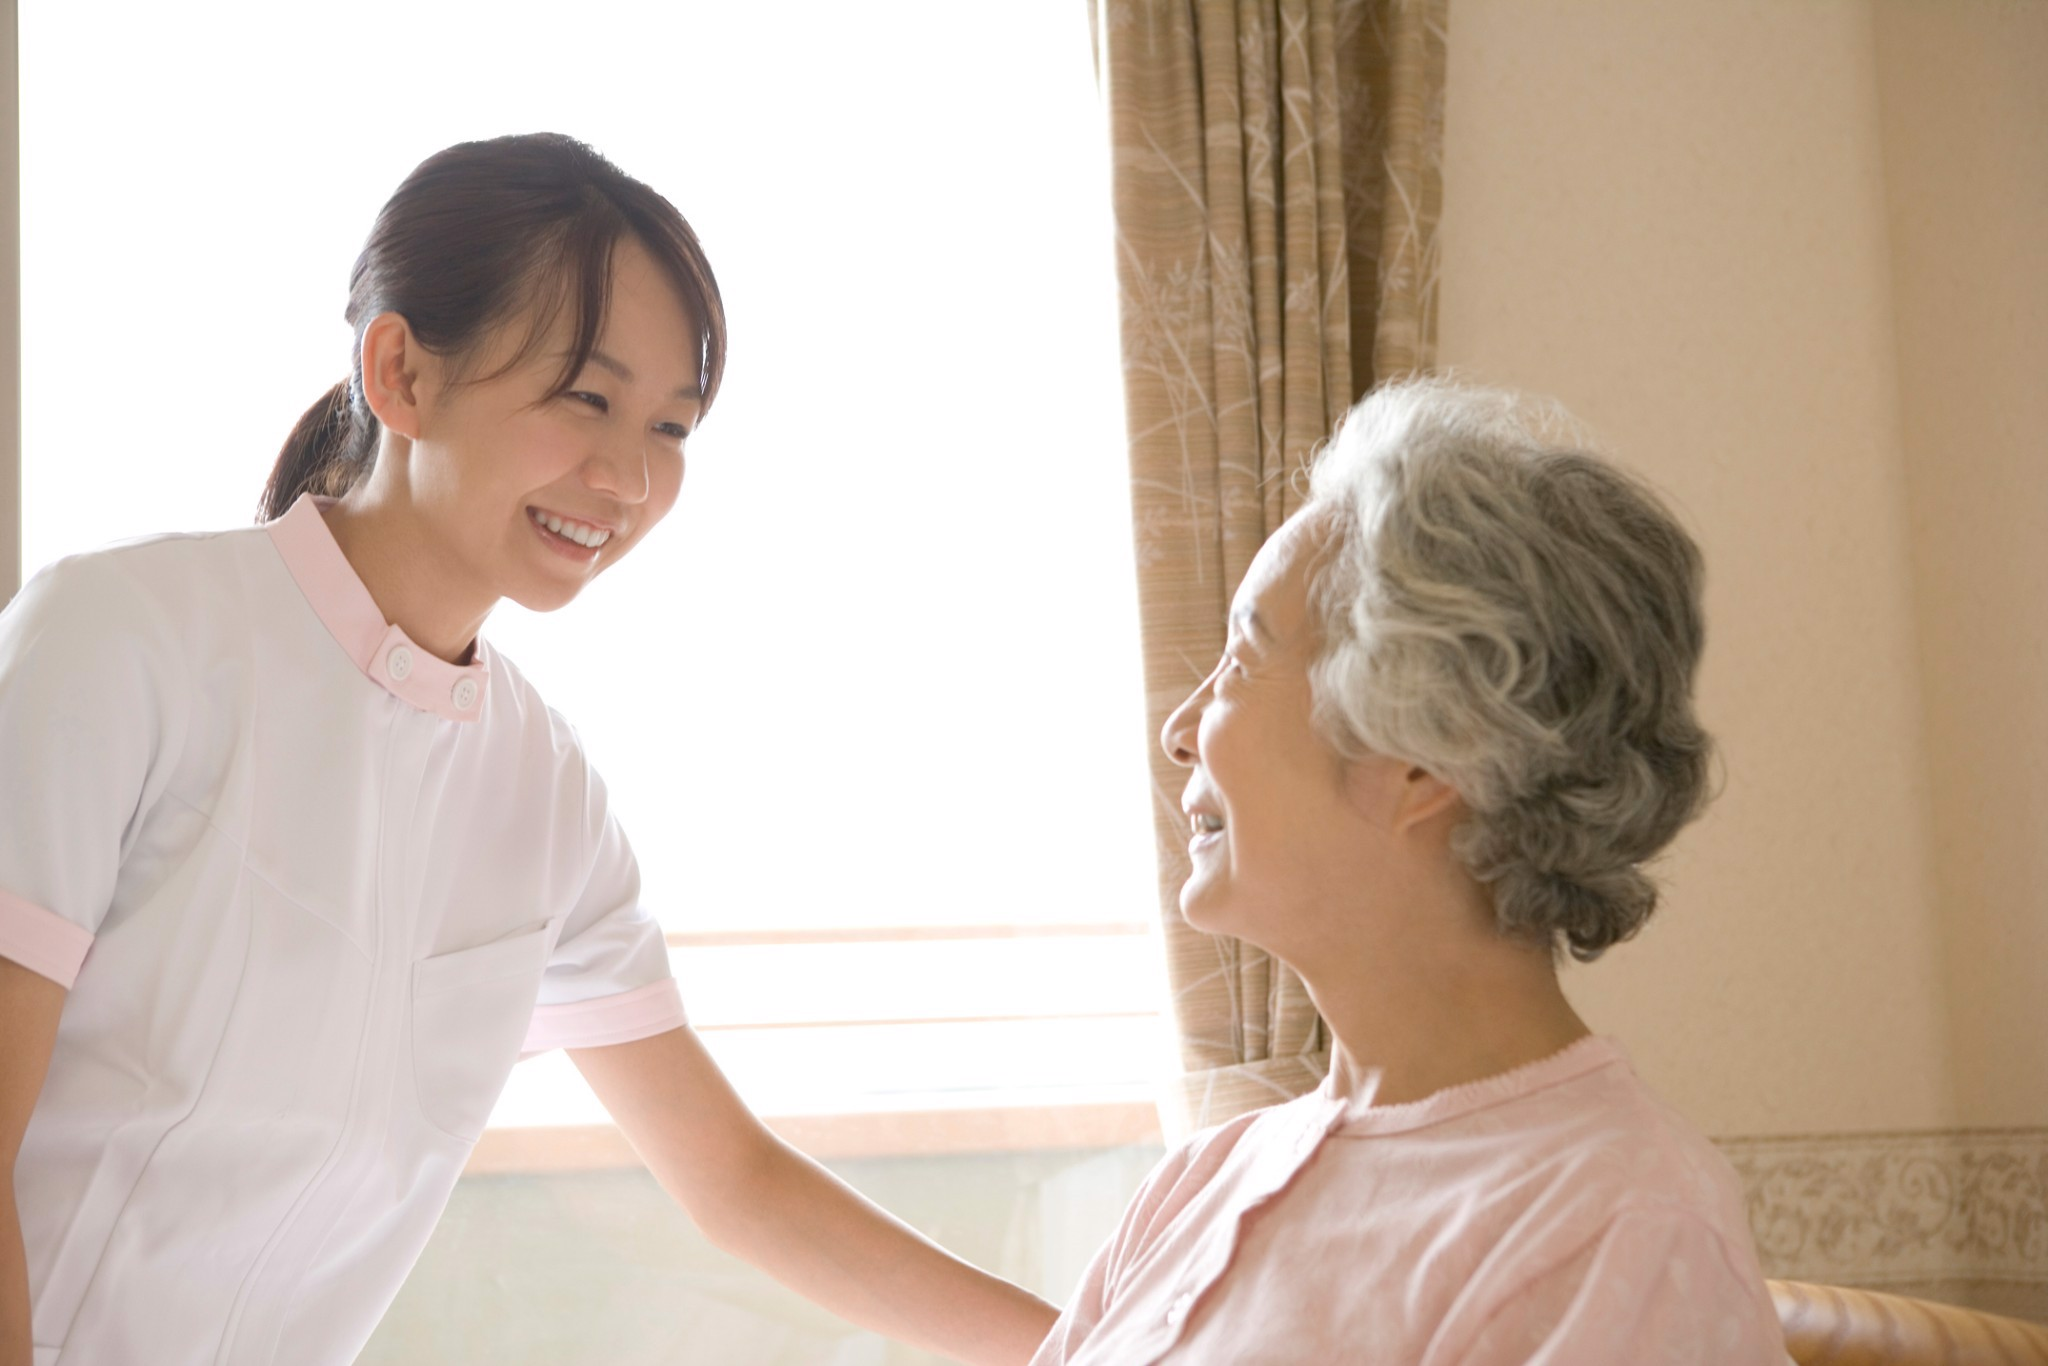 Ngành điều dưỡng thi khối gì,Có nên học ngành điều dưỡng? cần biết trước khi lựa chọn